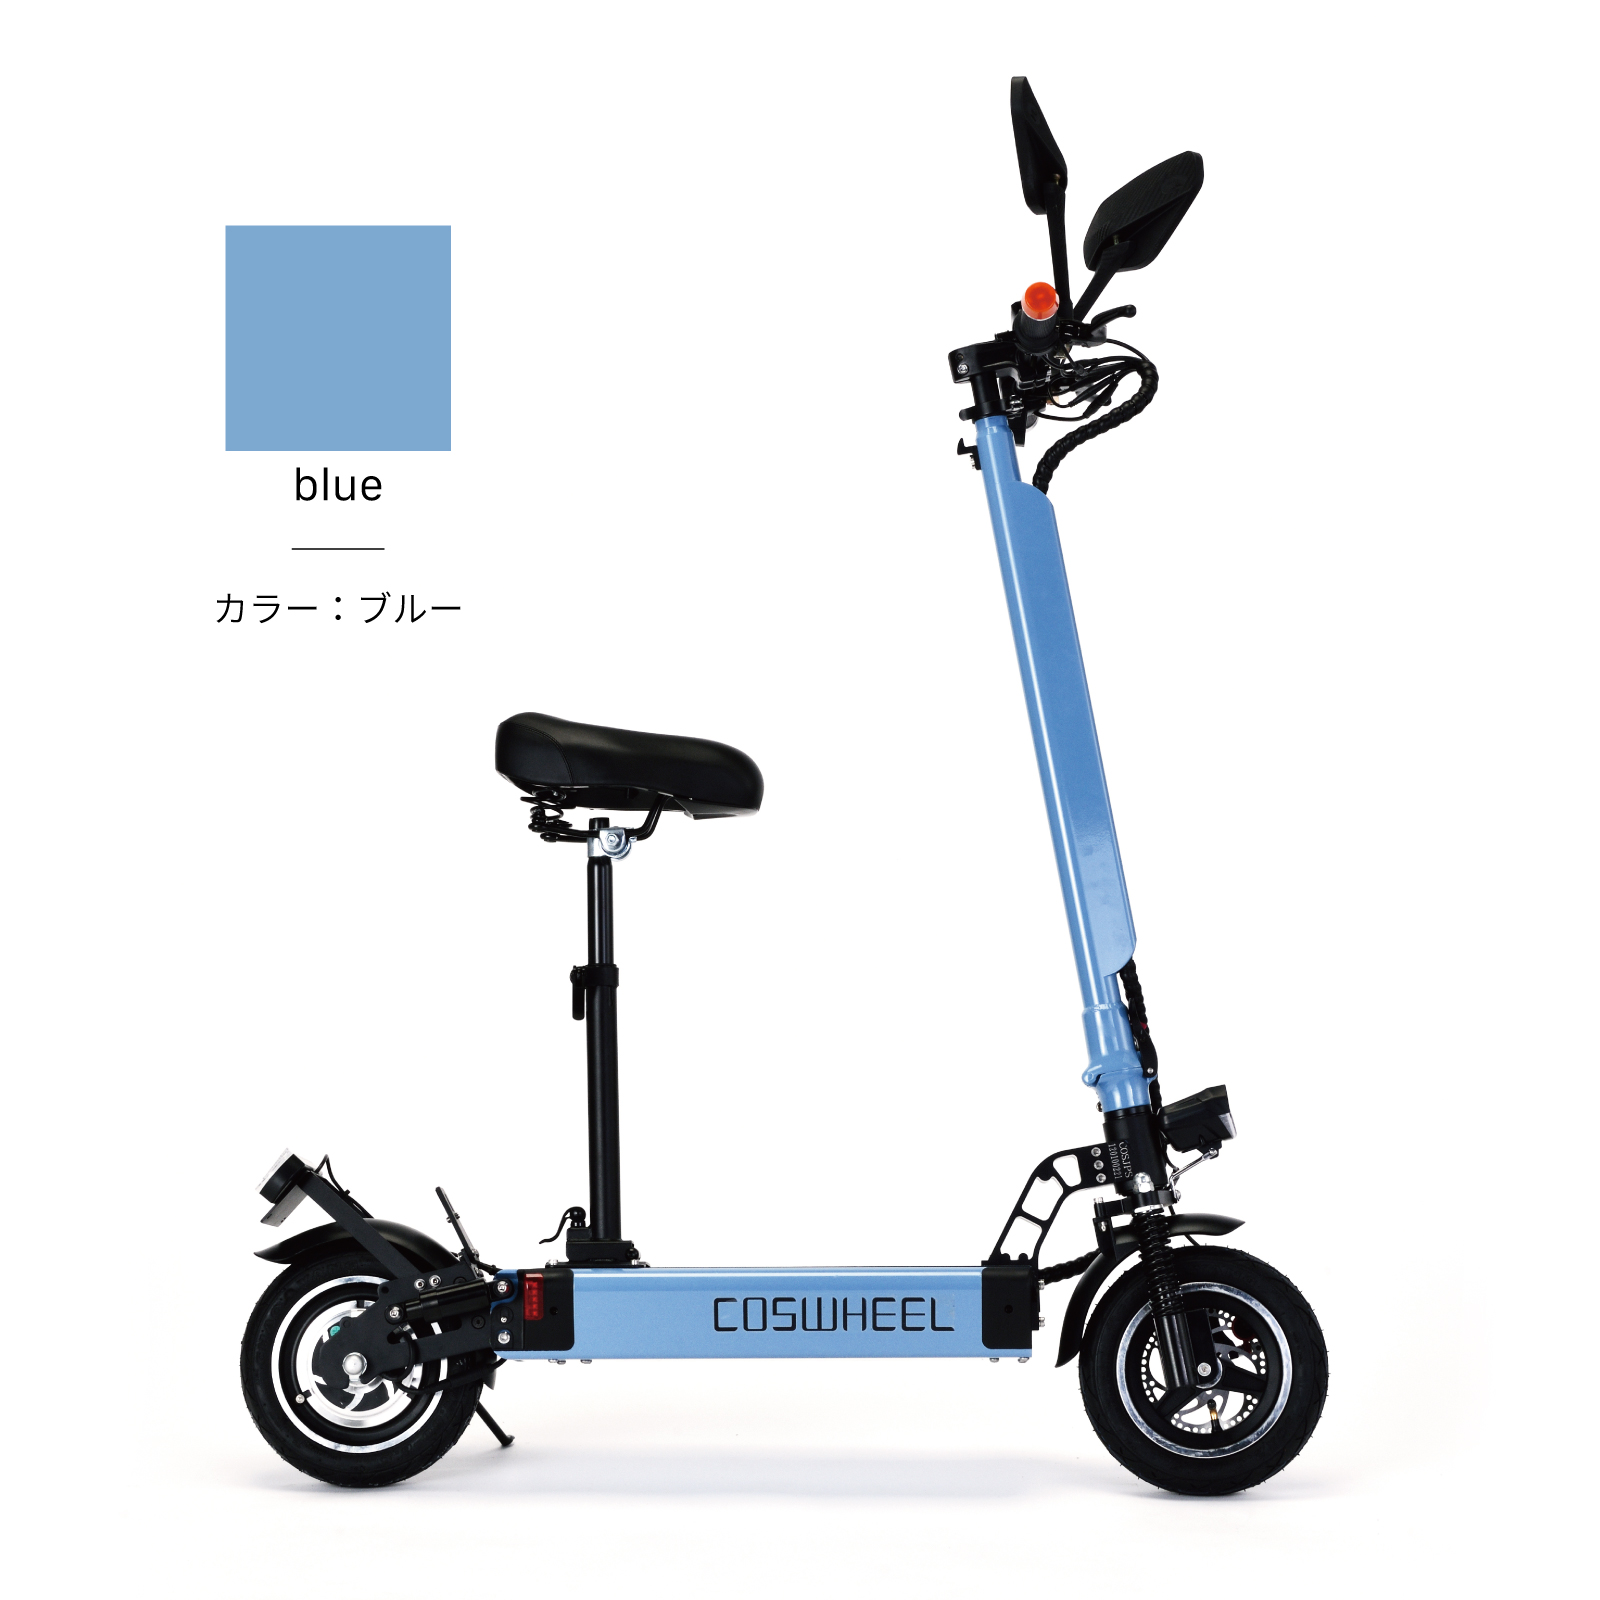 次世代型折り畳み式電動キックボード COSWHEEL EV Scooter 公道仕様2WAY乗りEVスクーター 公道走行可 ナンバー取得可能 大容量バッテリー搭載 サドル付け外し可能